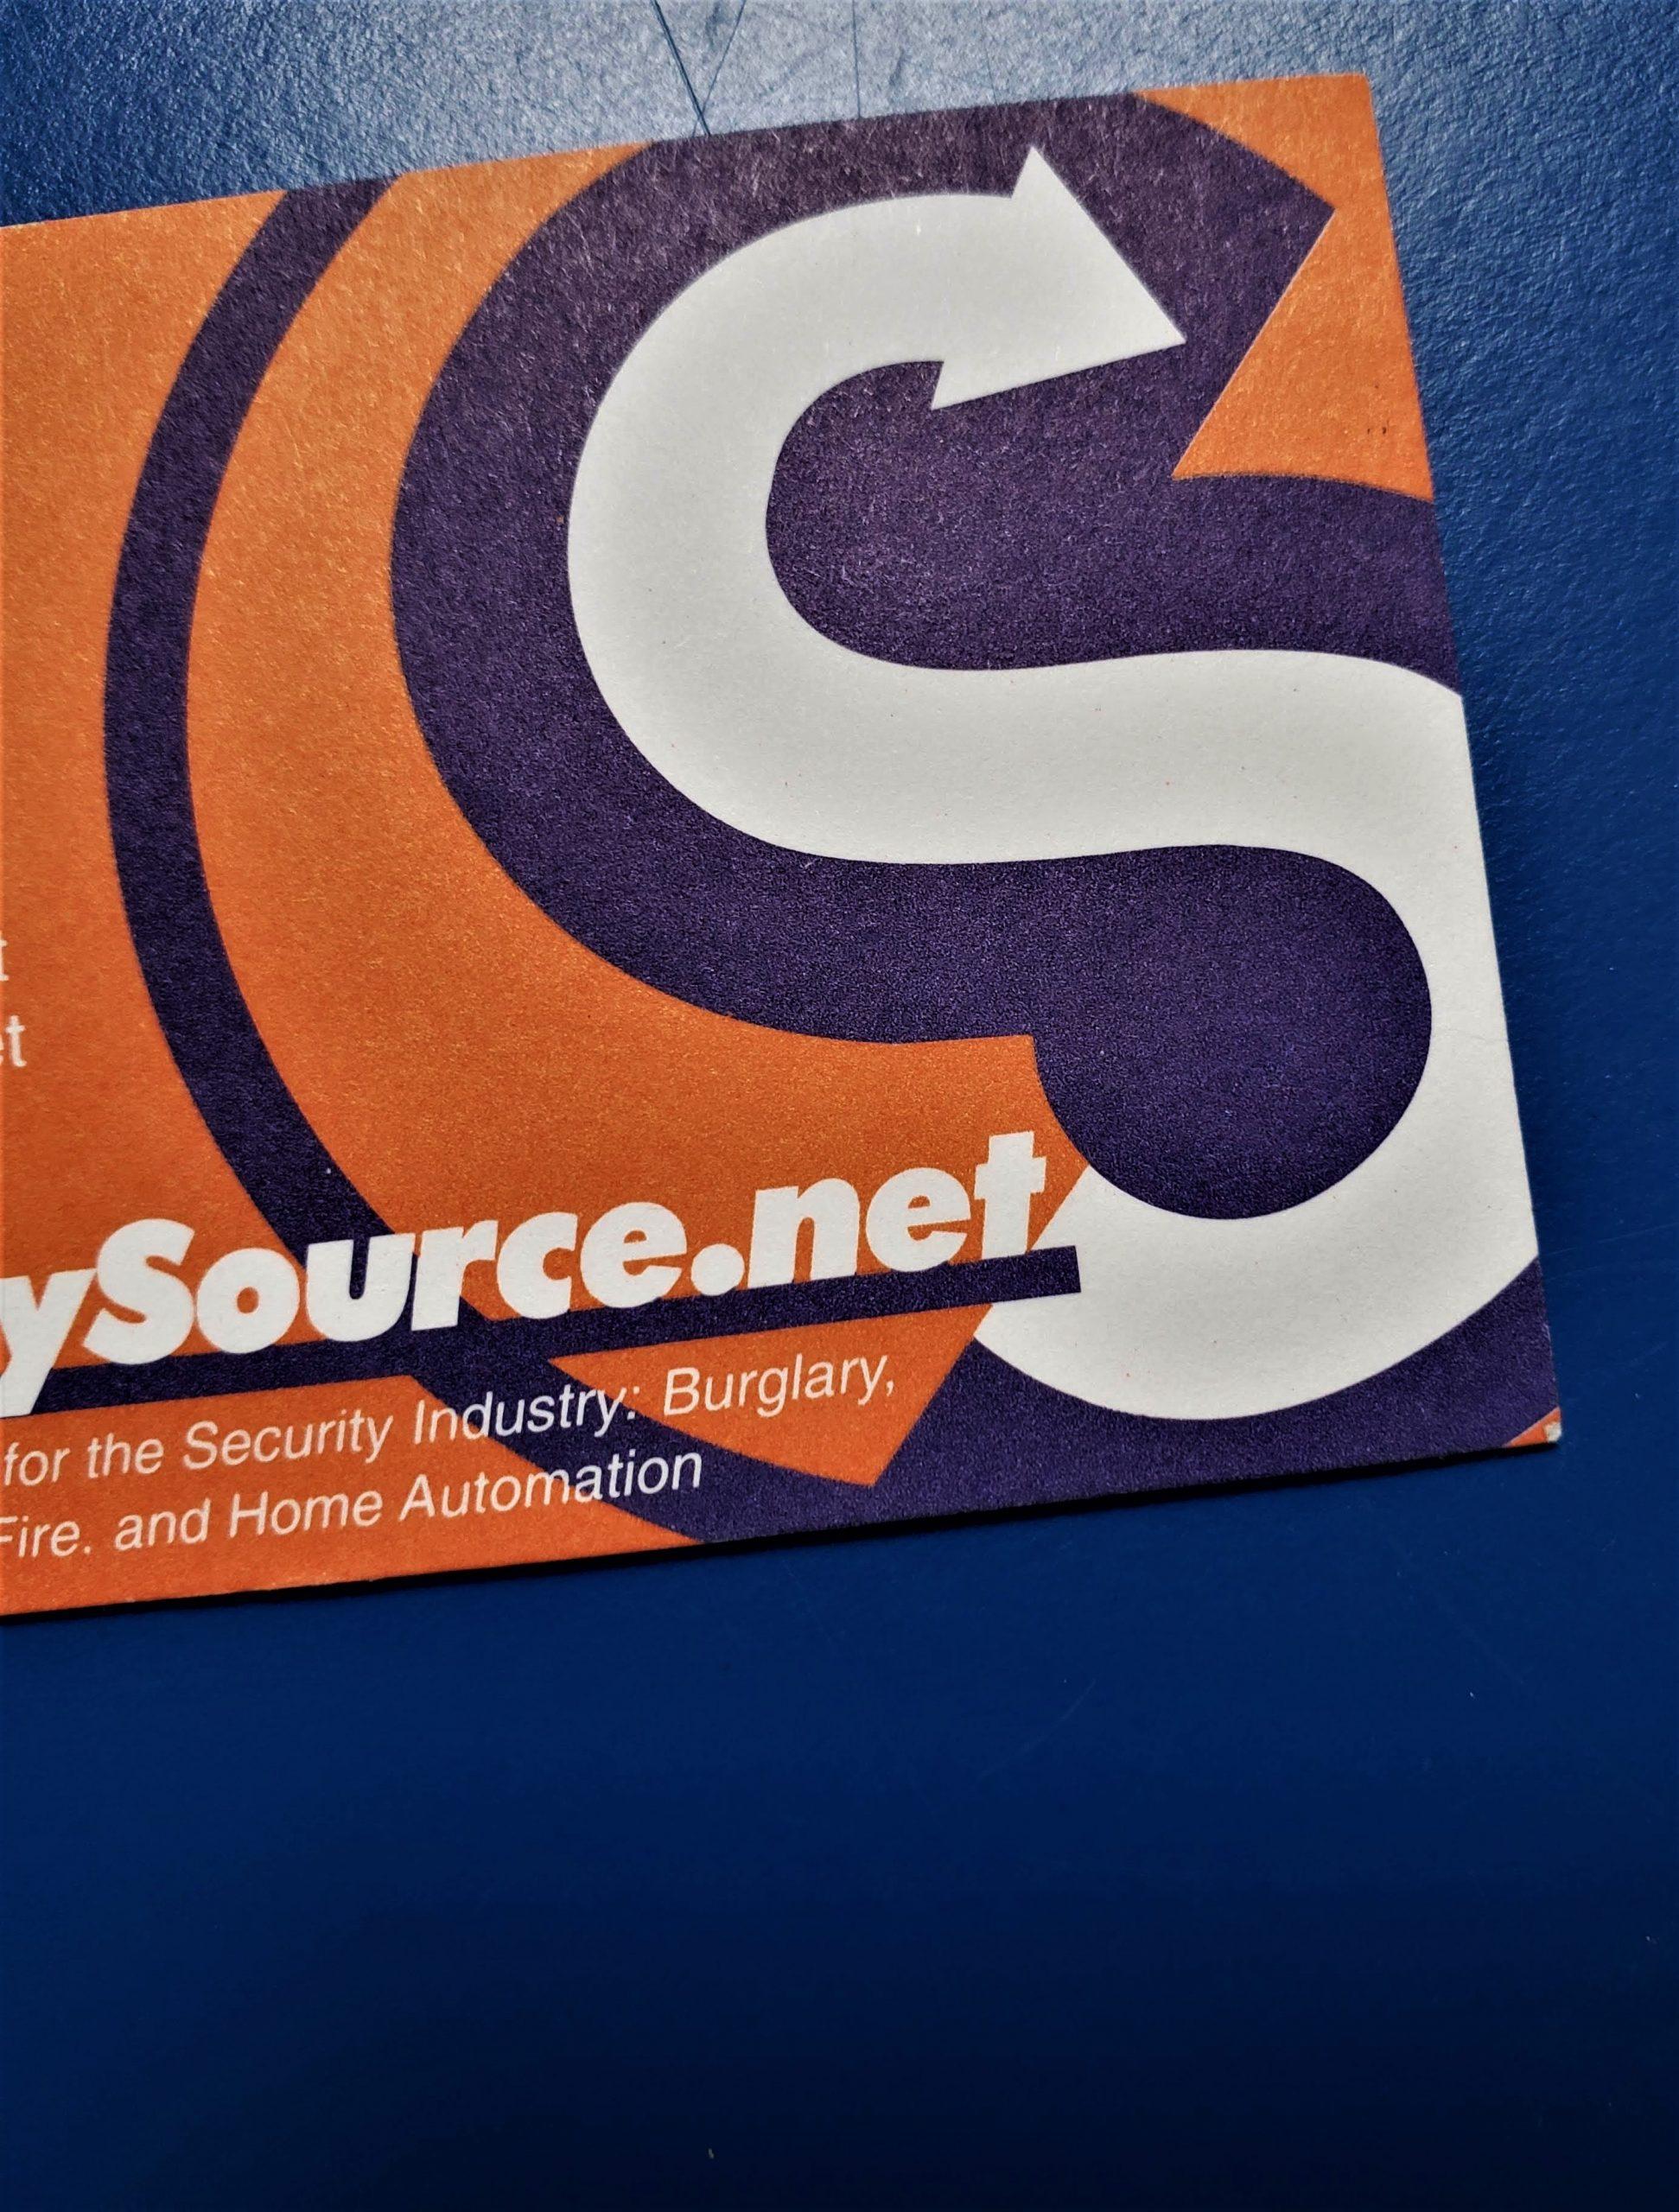 snet_securitysource_branding_5